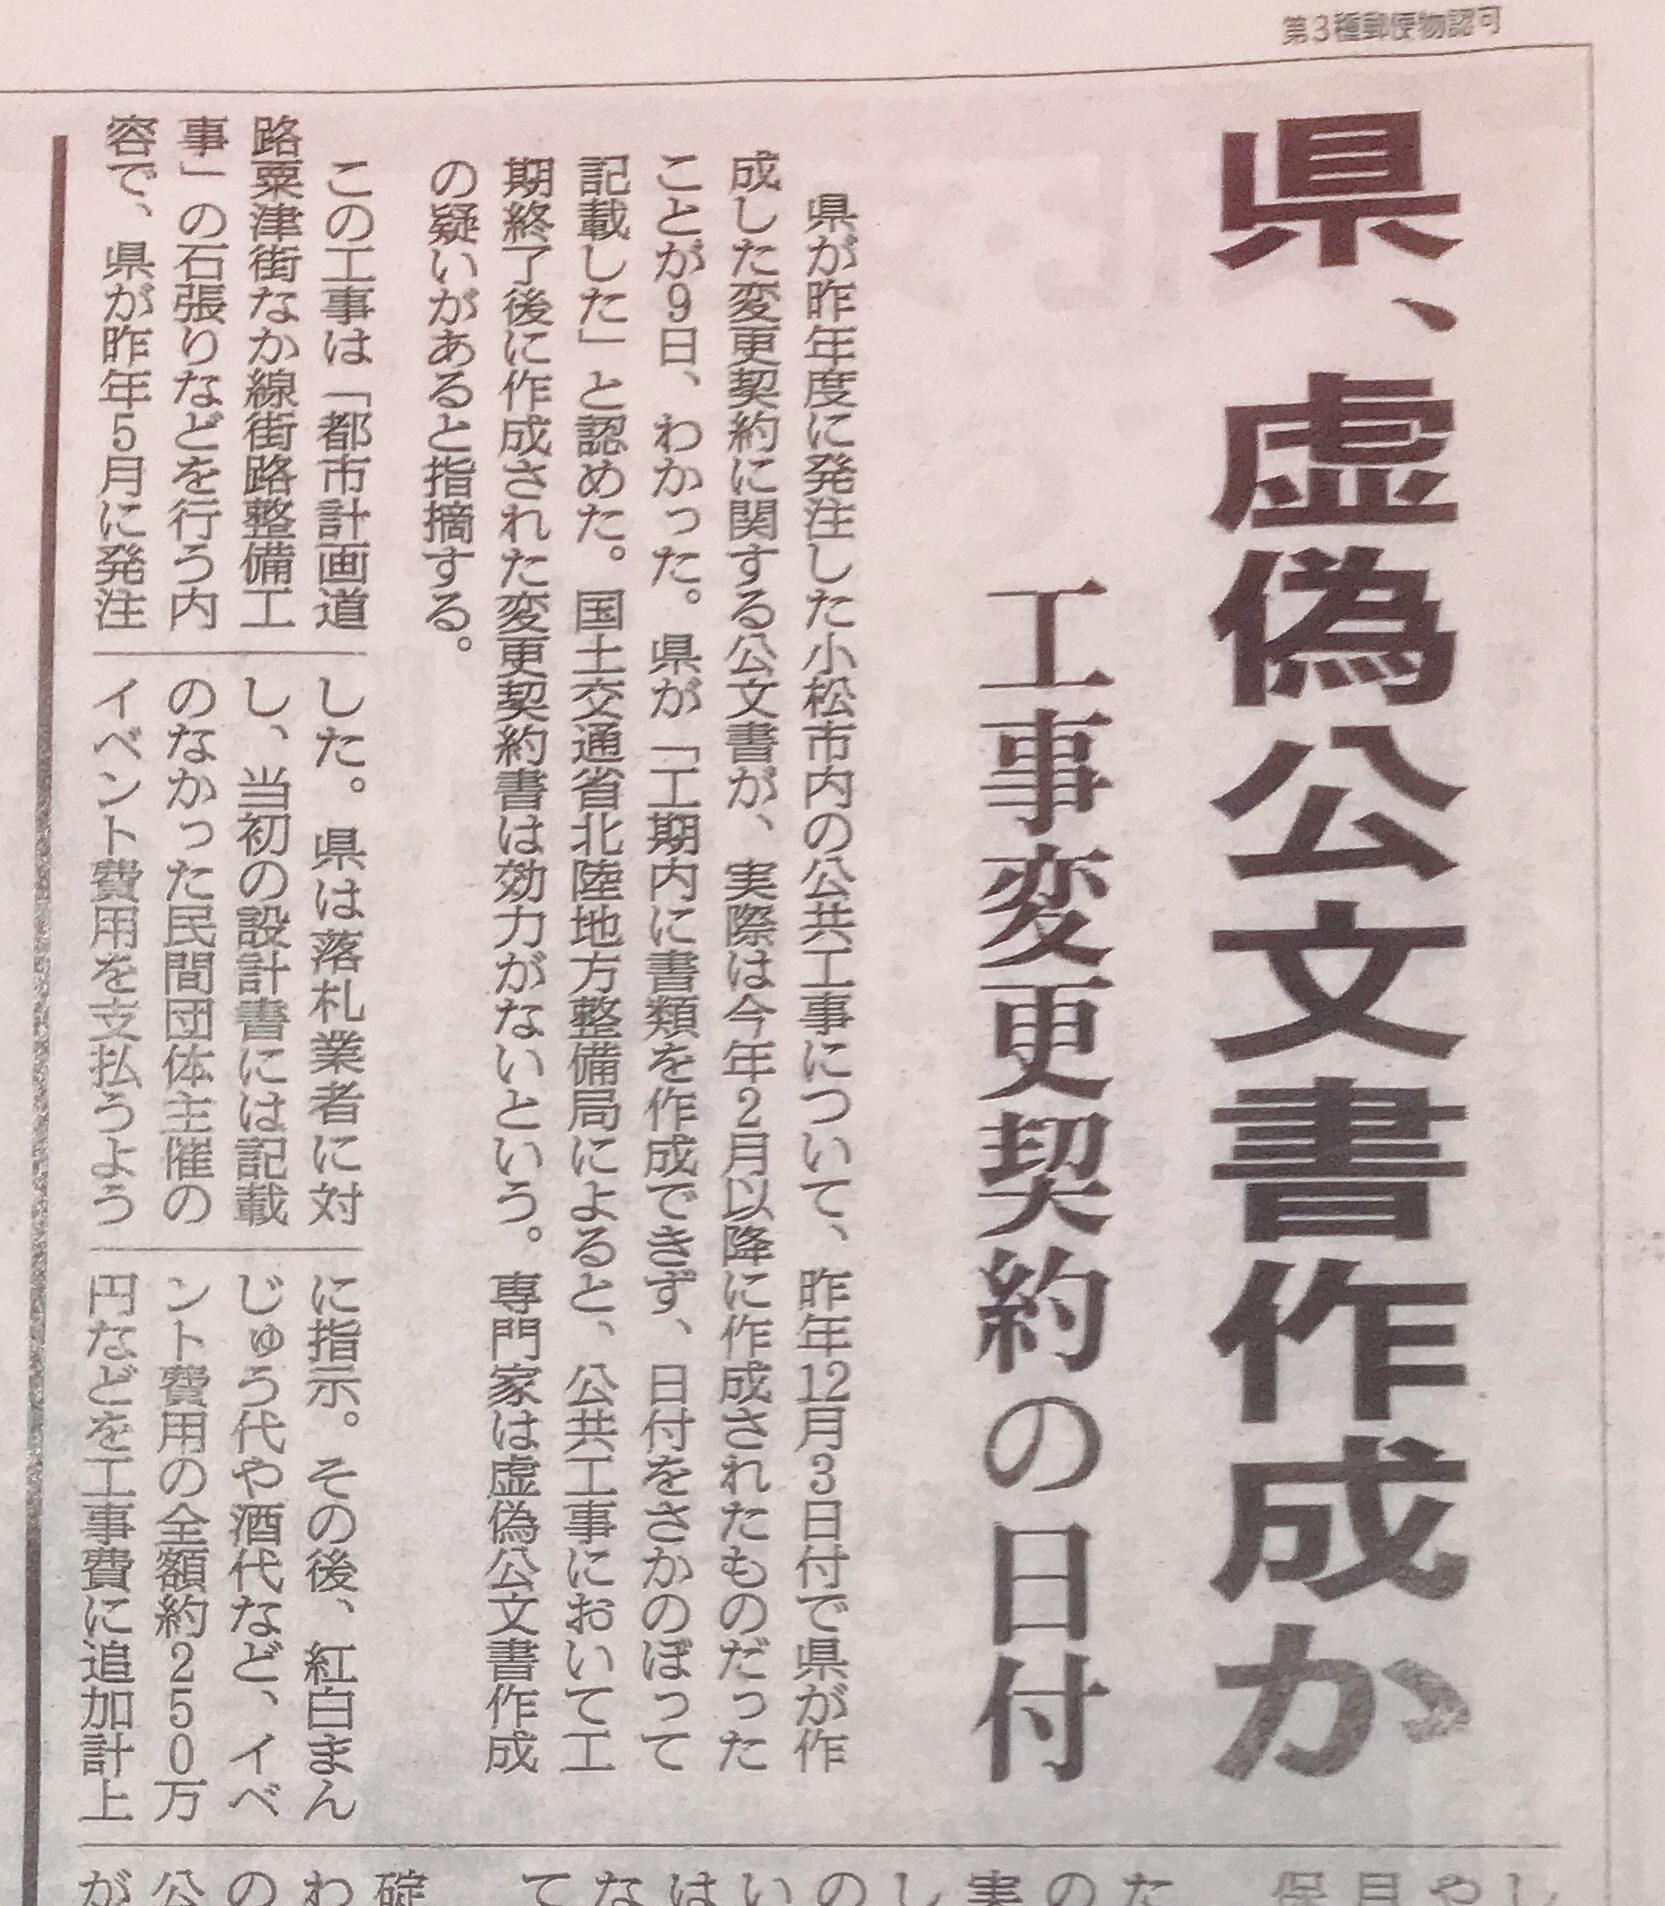 石川県入札問題で朝日新聞報道